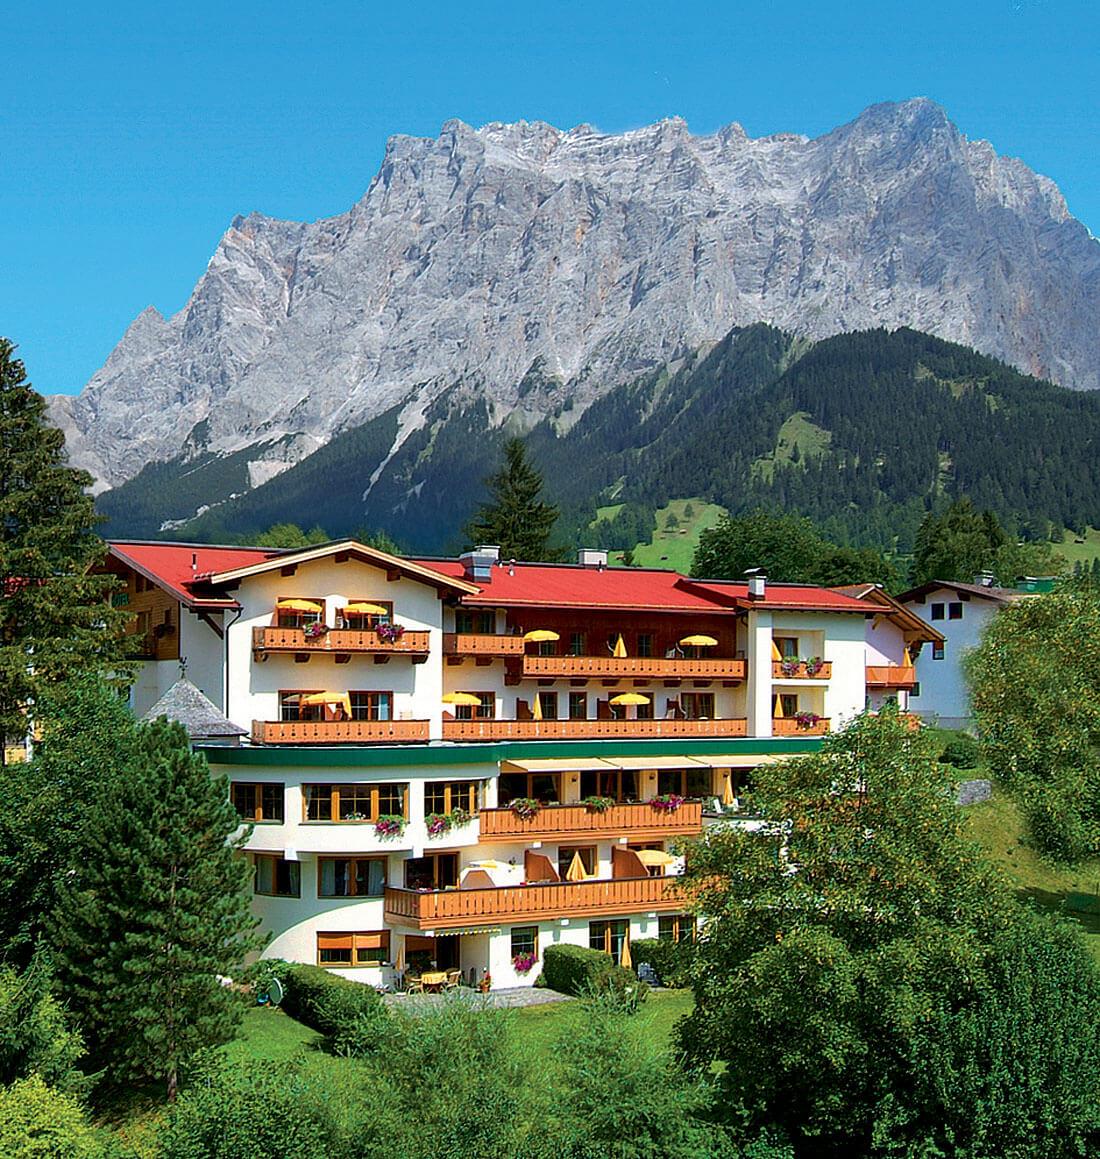 Hotel Schönruh in Ehrwald